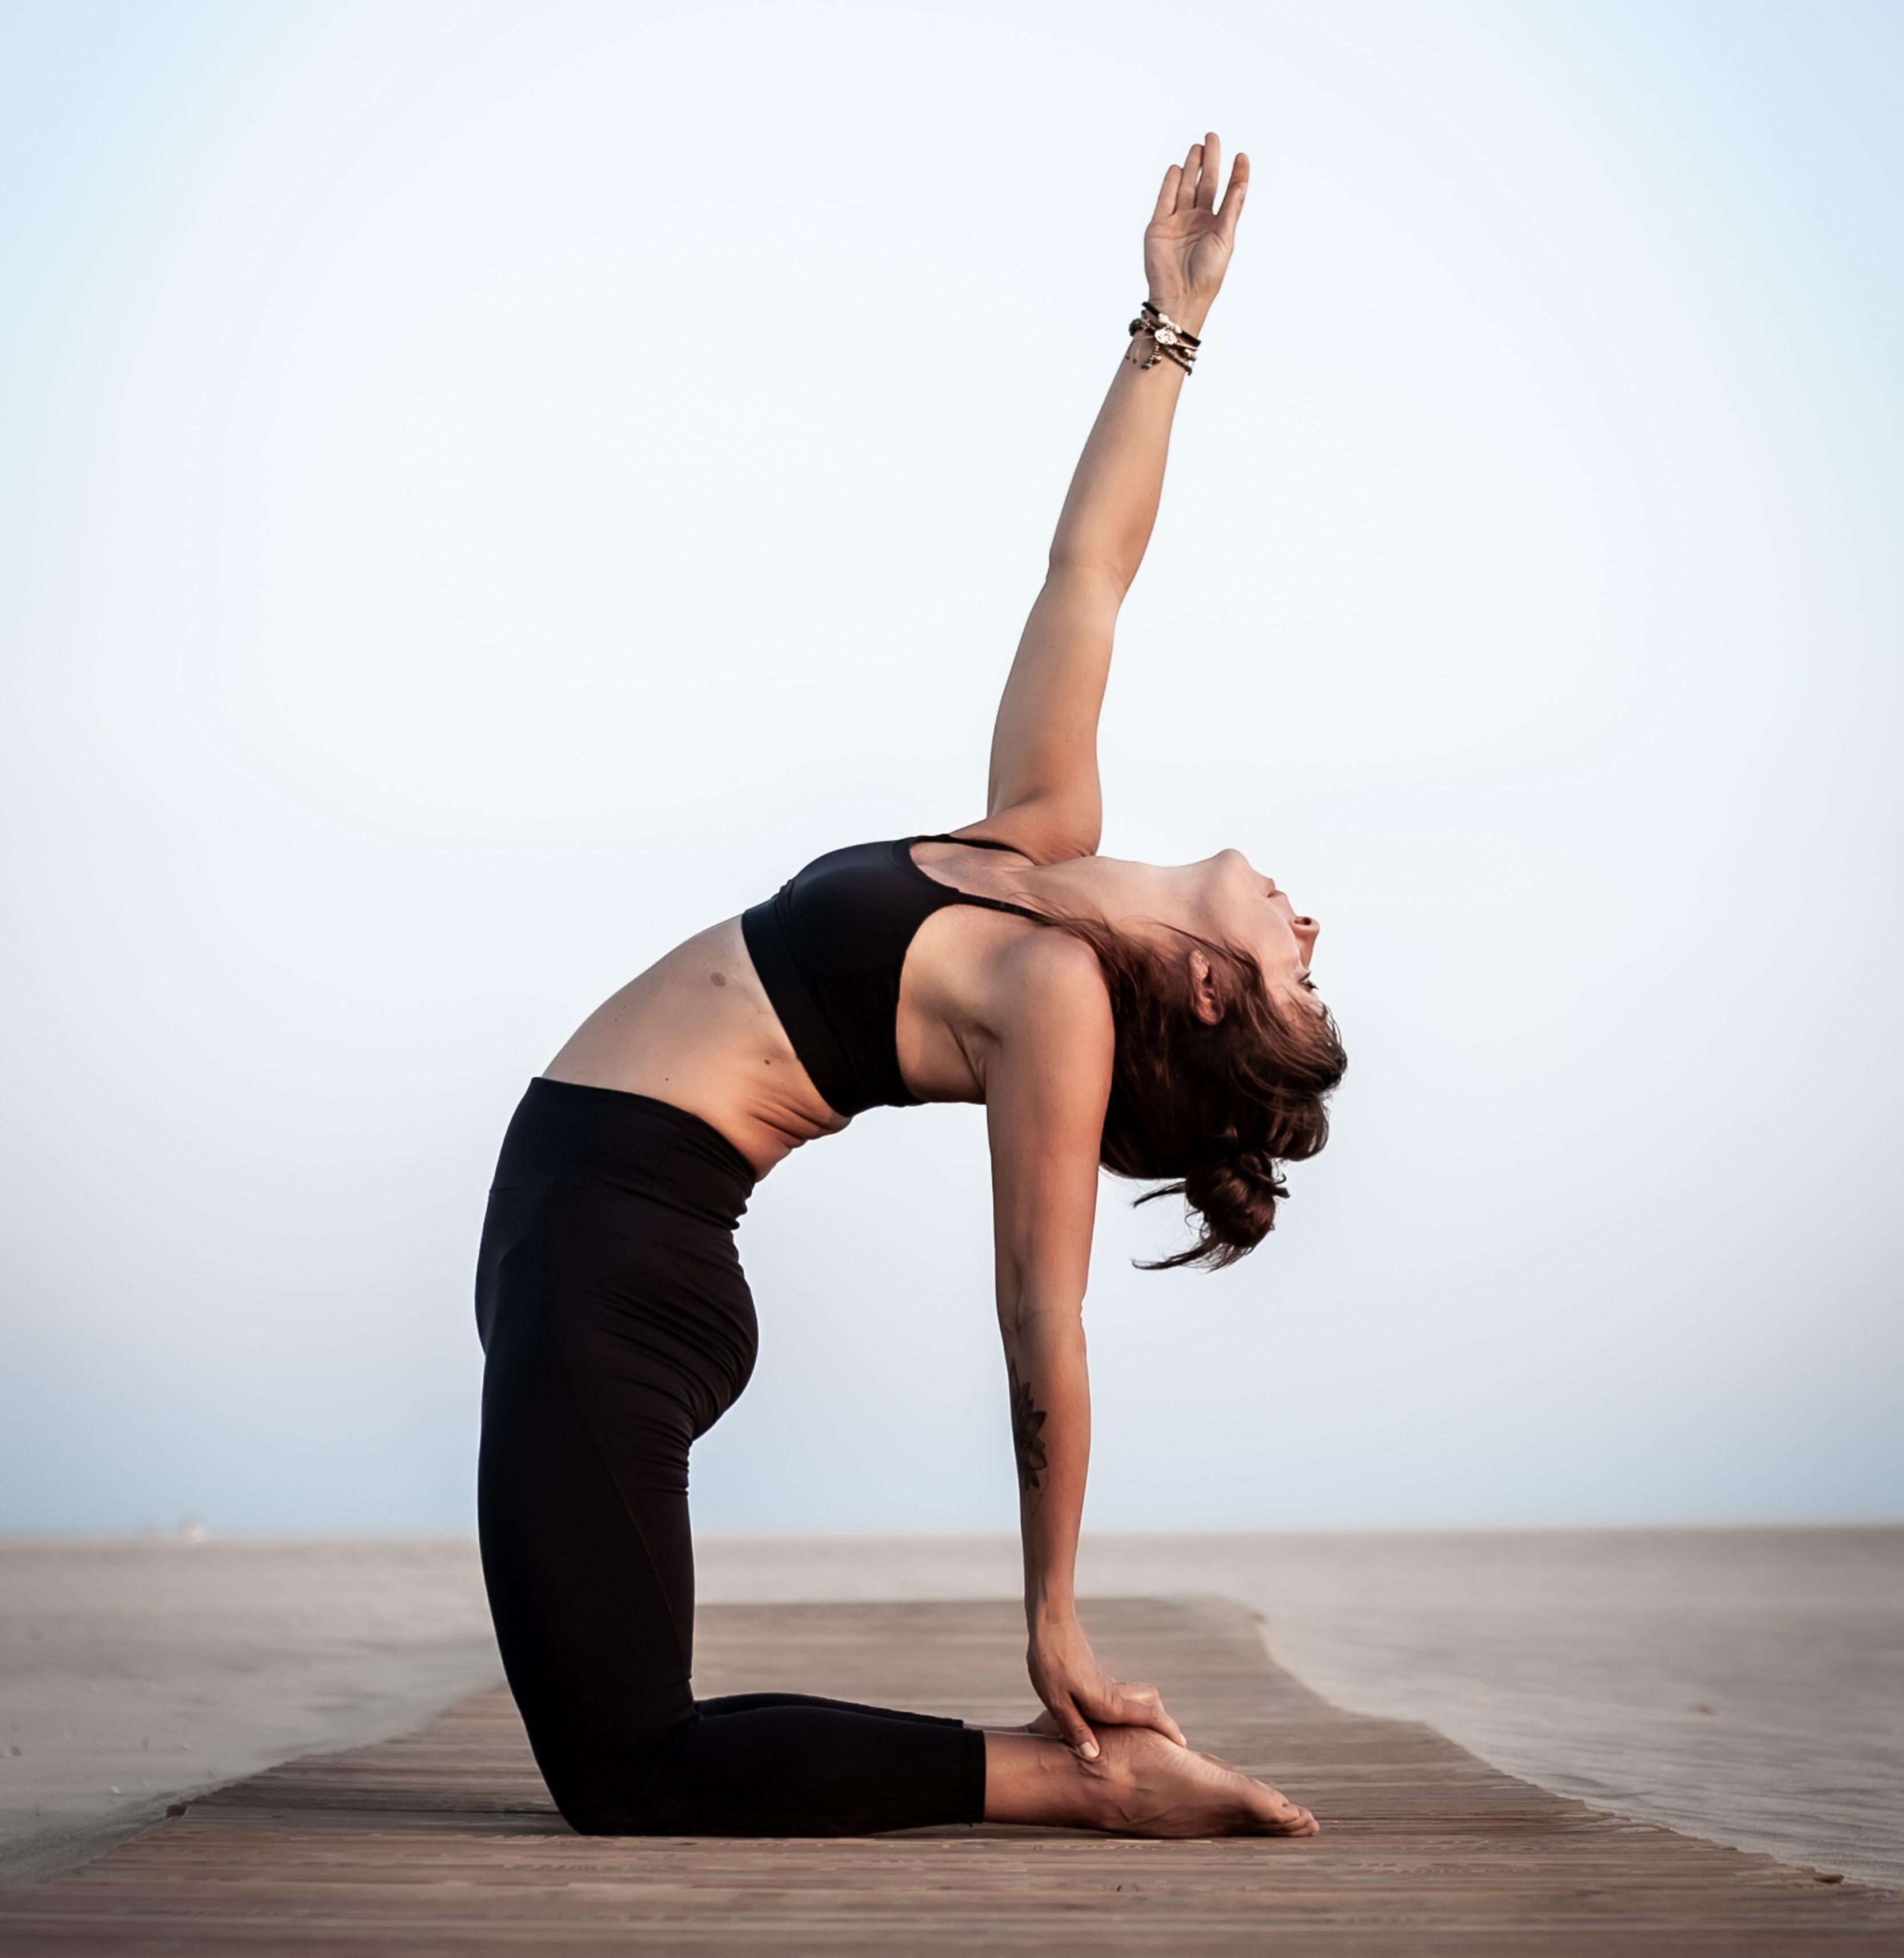 Lose weight by stretching in the morning सुबह की अच्छी आदतें जो वजन कम करती हैं